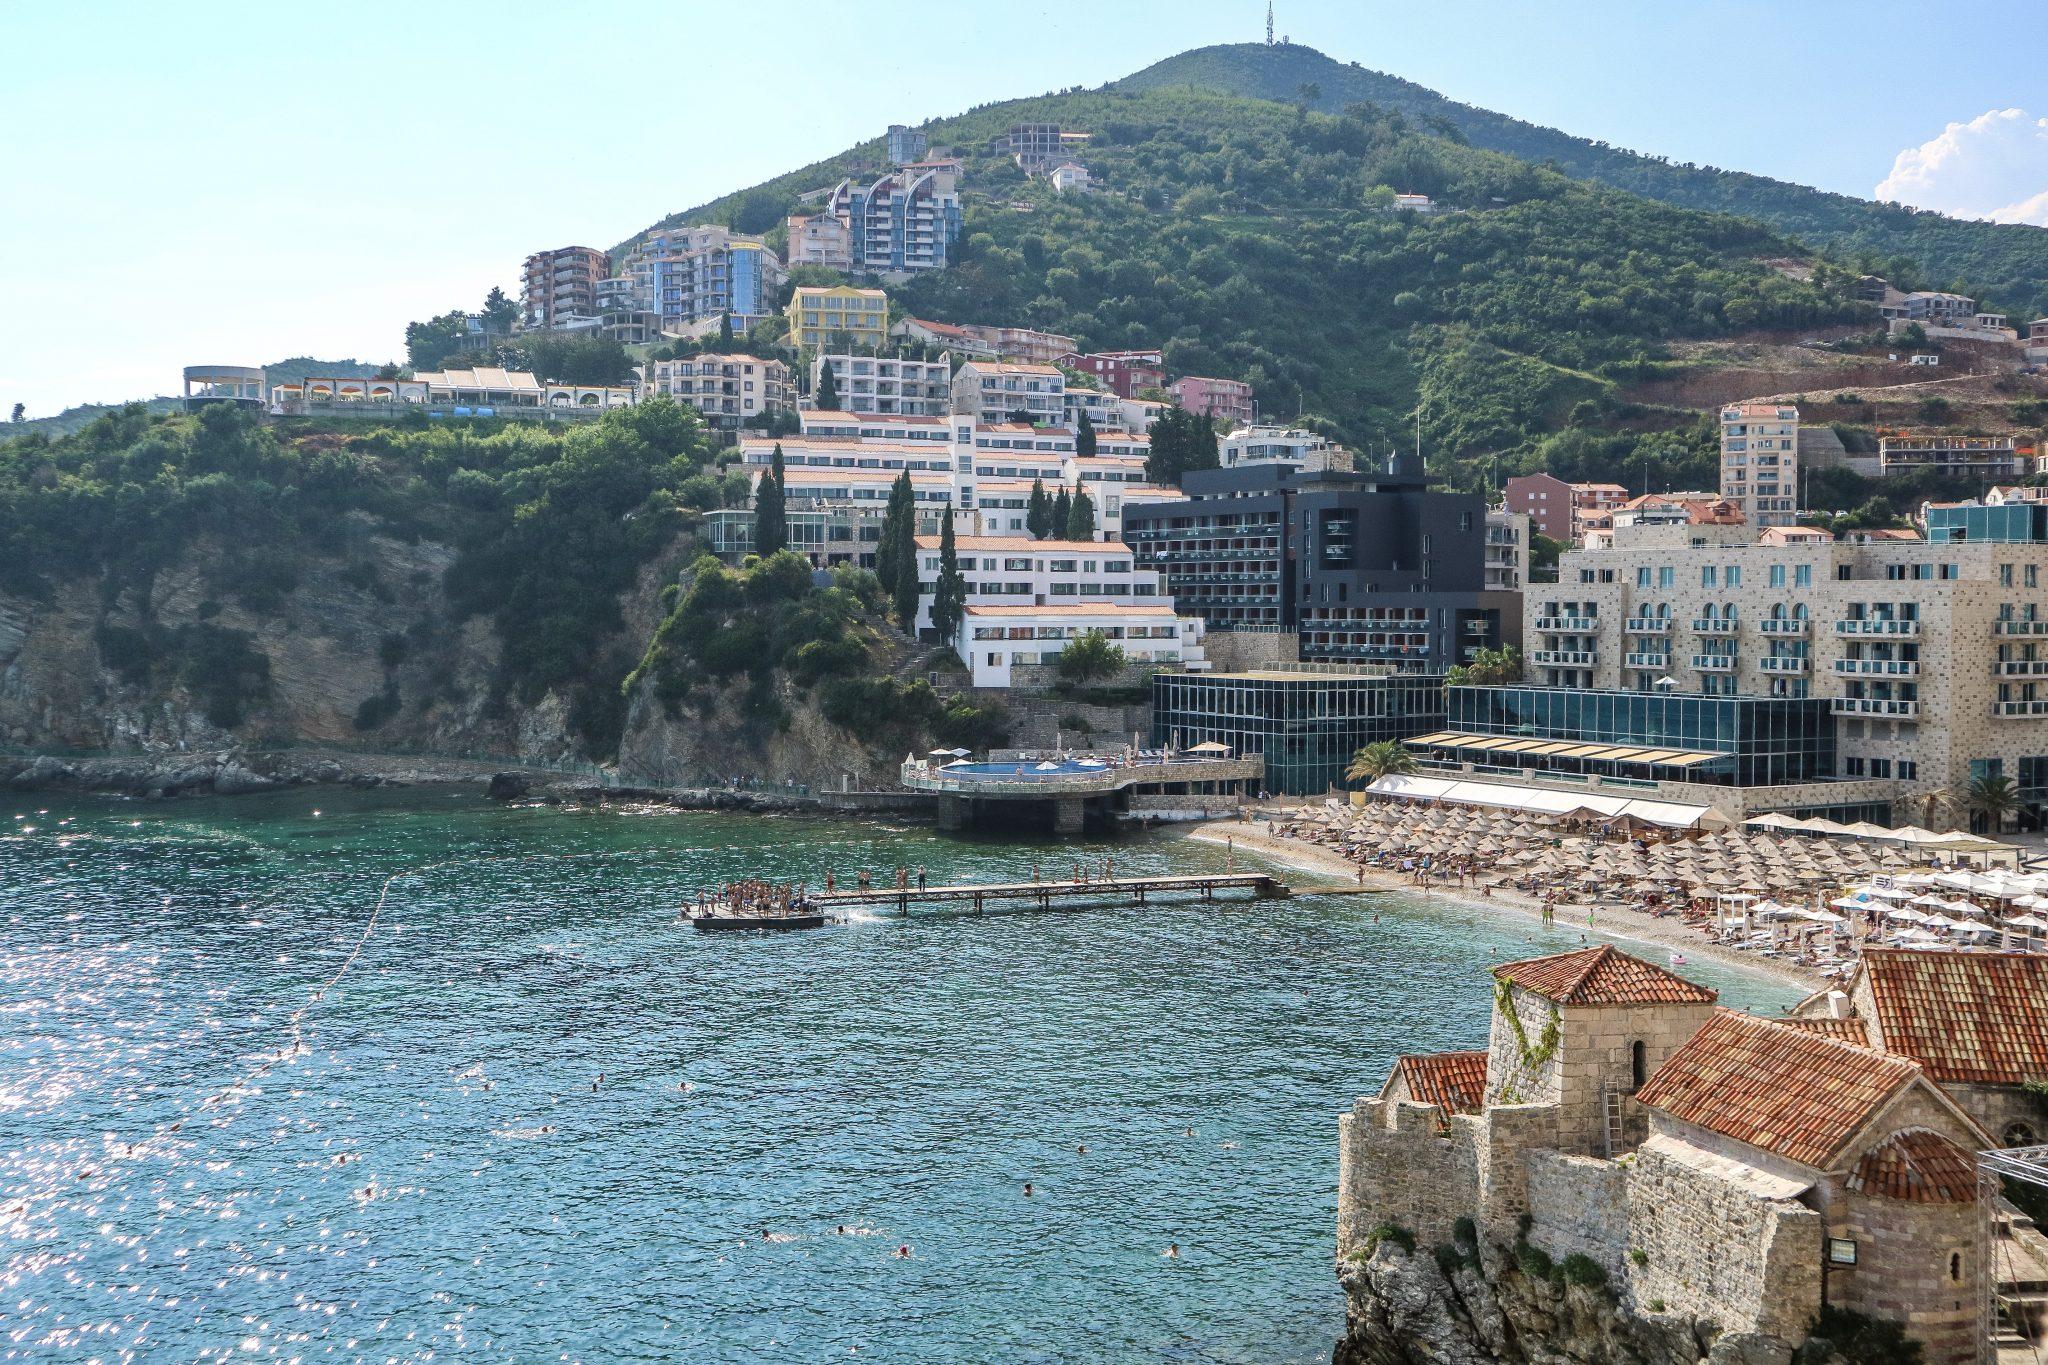 Avala Resort & Villas, Budva, Montenegro